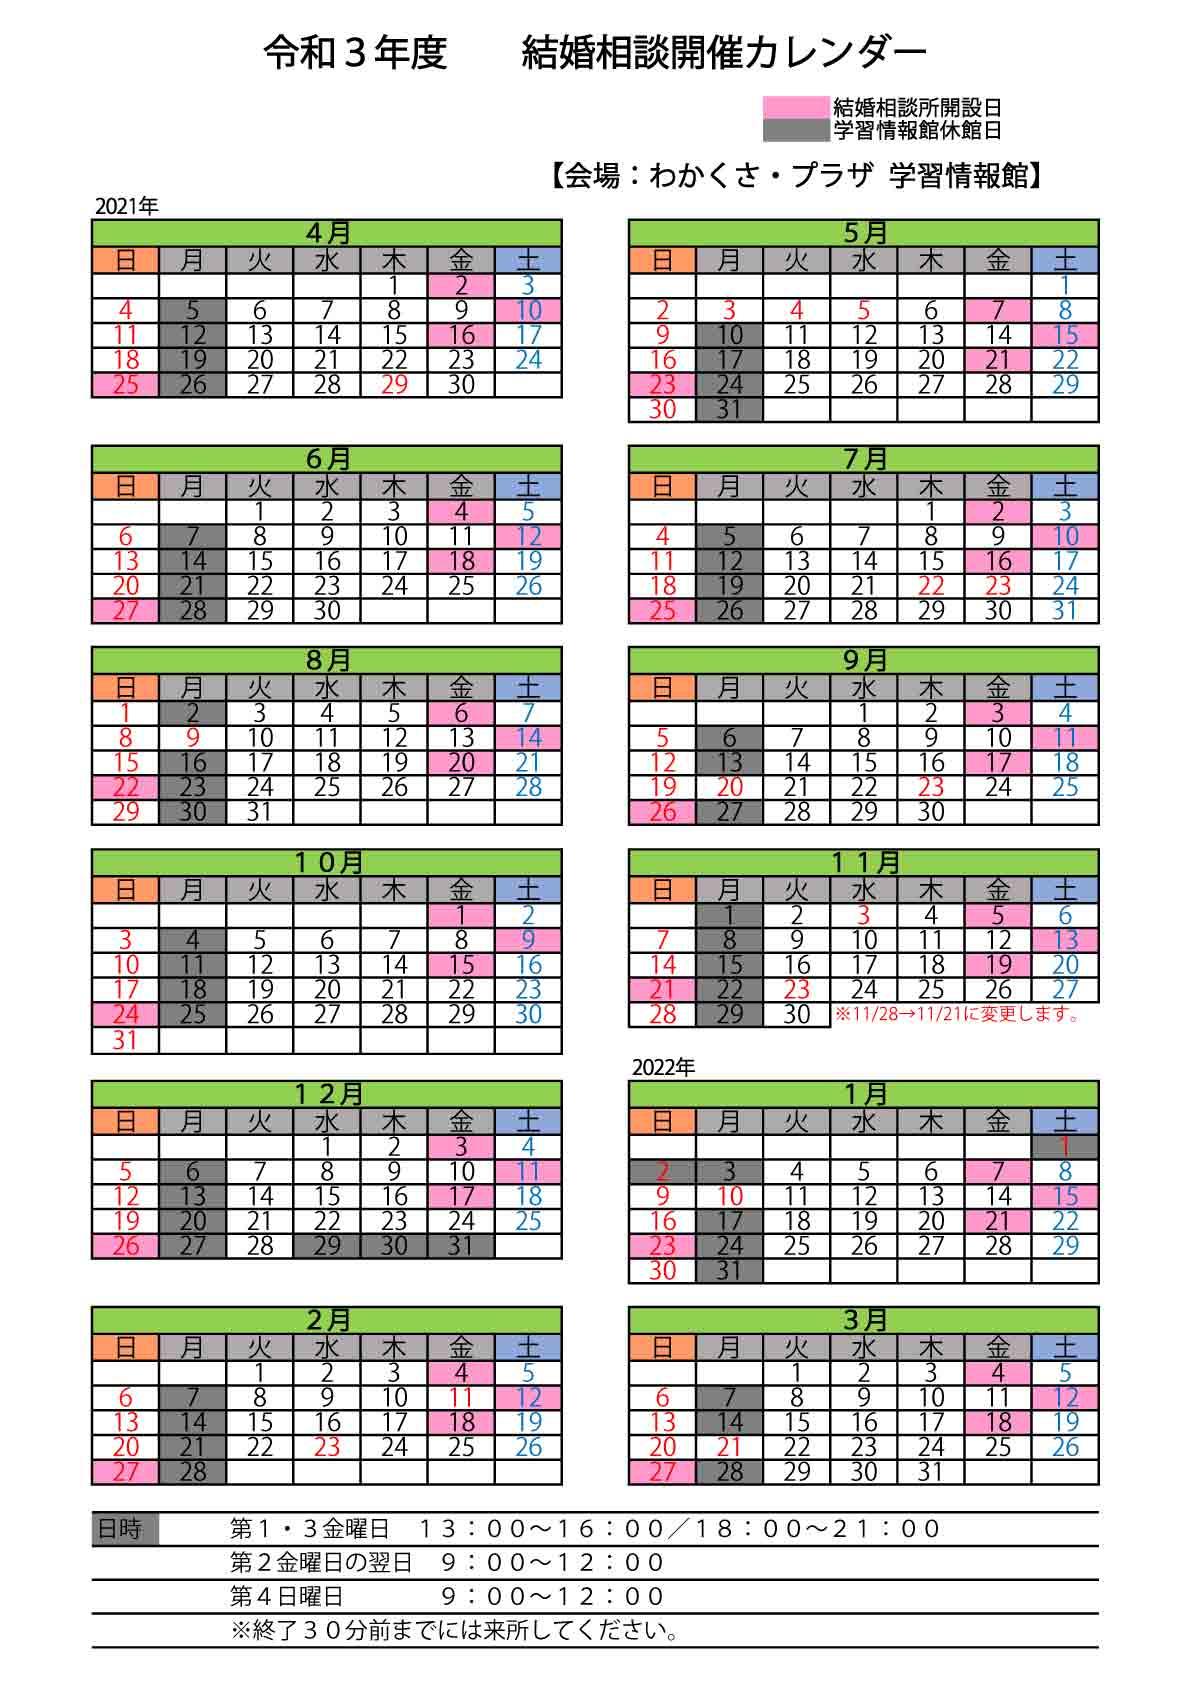 令和3年度 開催カレンダー